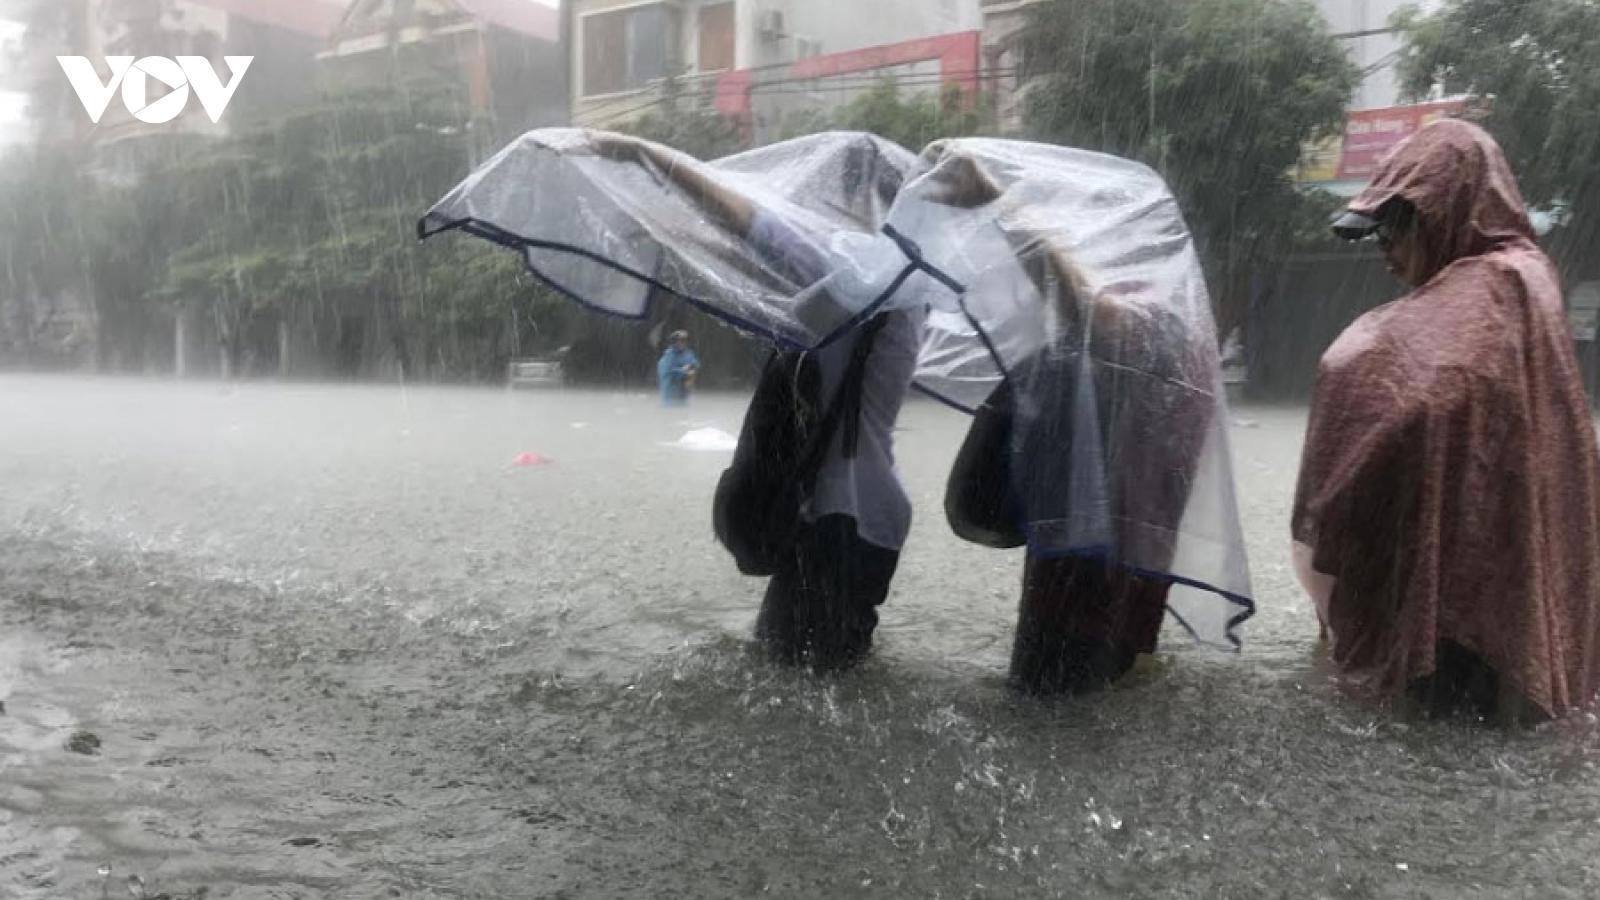 Dự báo, mưa lớn ở Bắc Bộ và Trung Bộ trong những ngày tới, có nơi lên đến 250mm